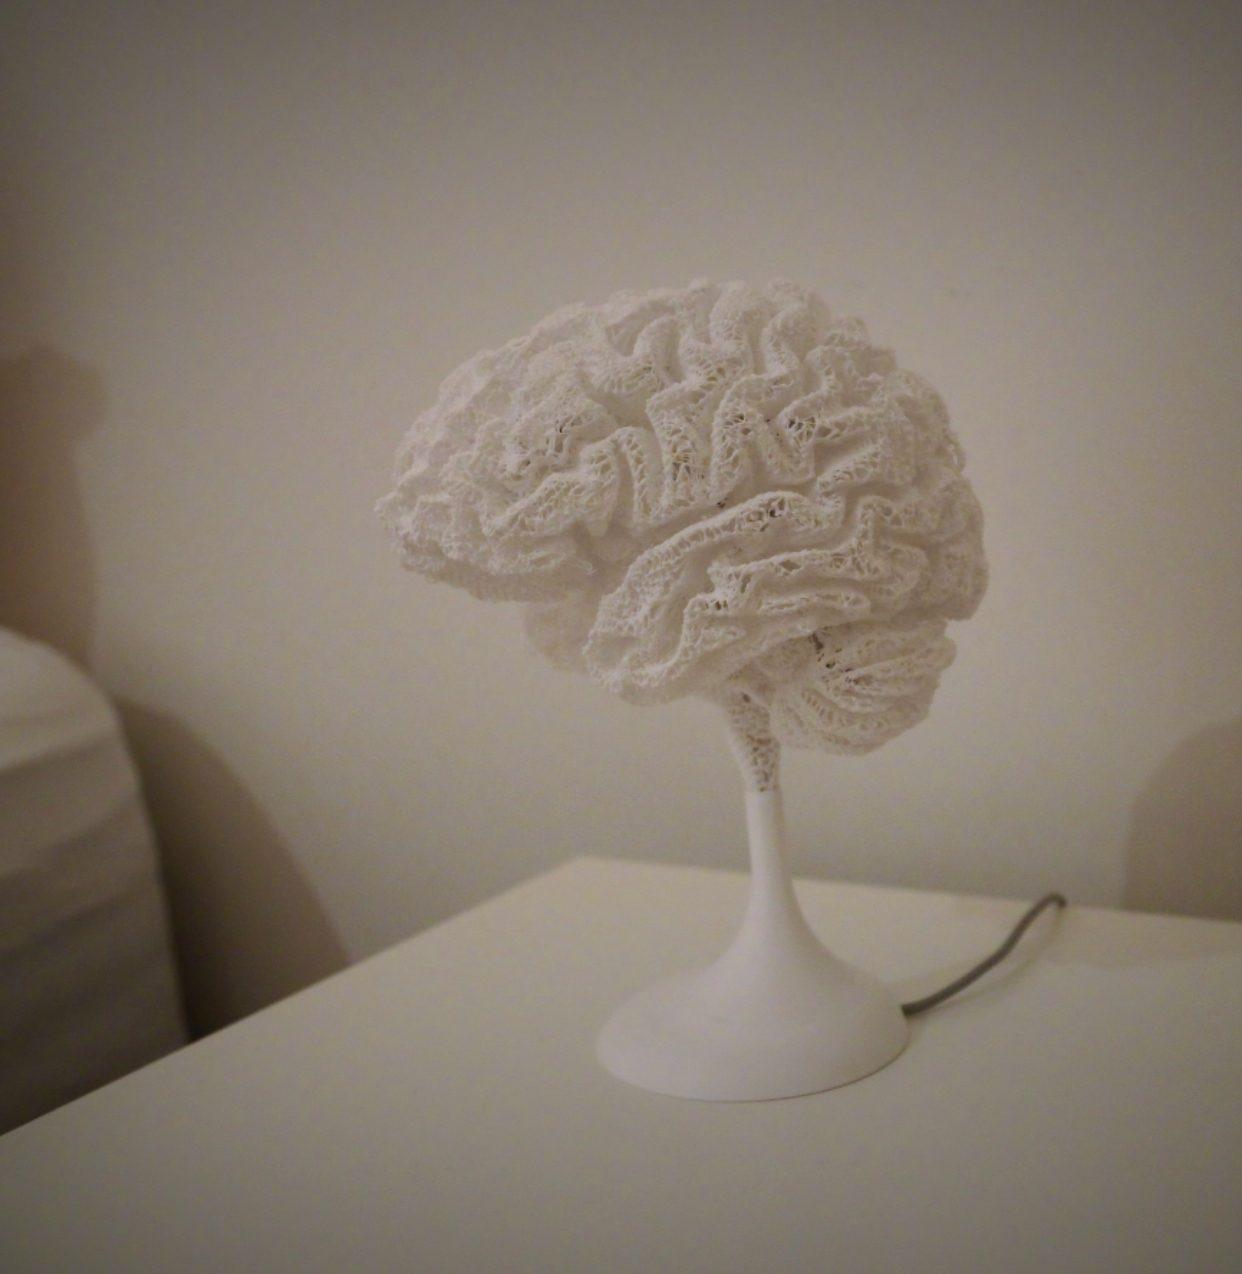 Настольная лампа, которая копирует мозг